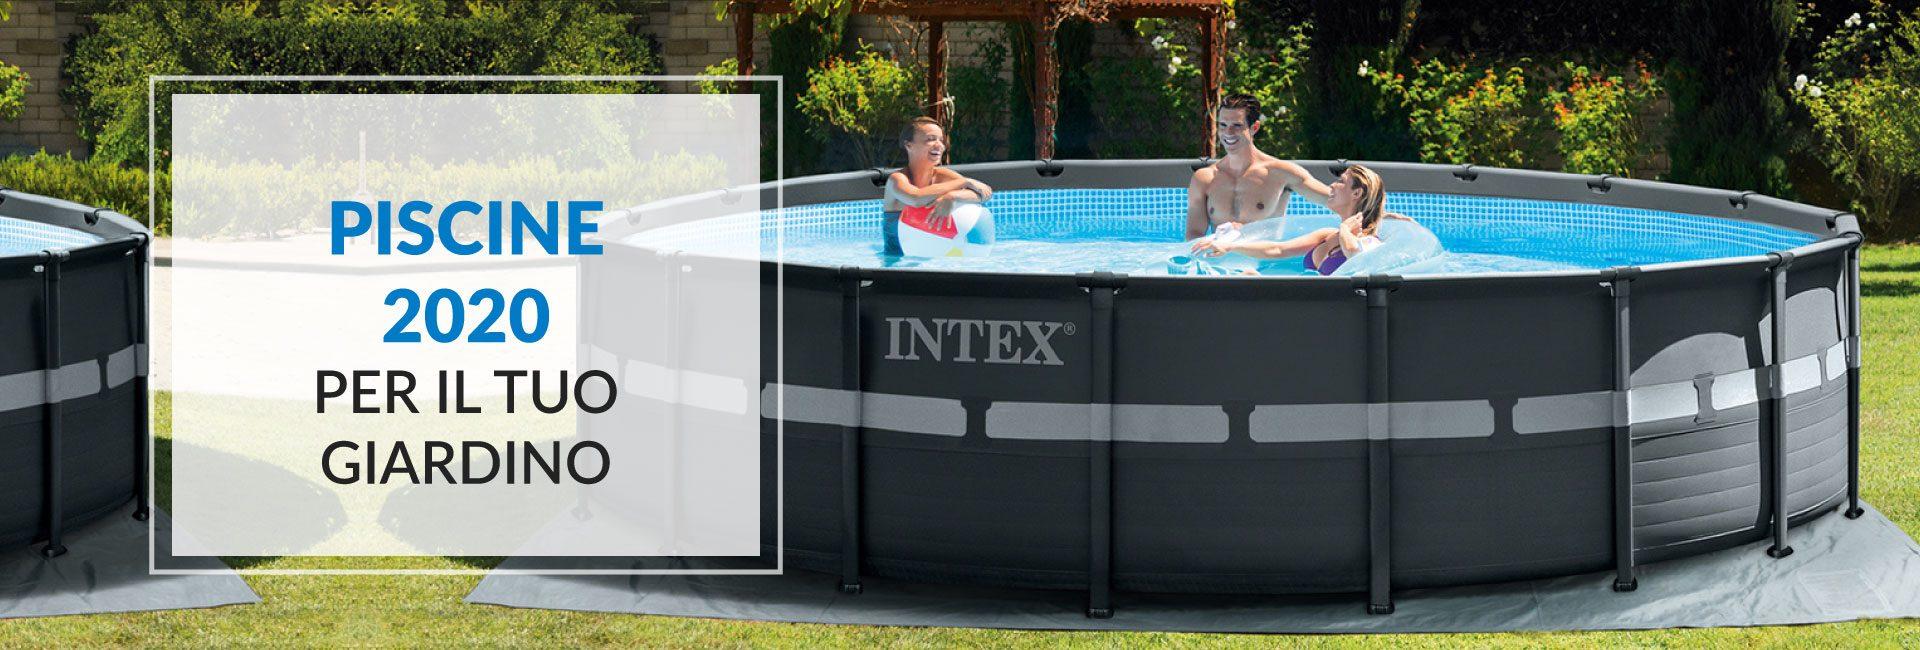 piscine-slide-2020